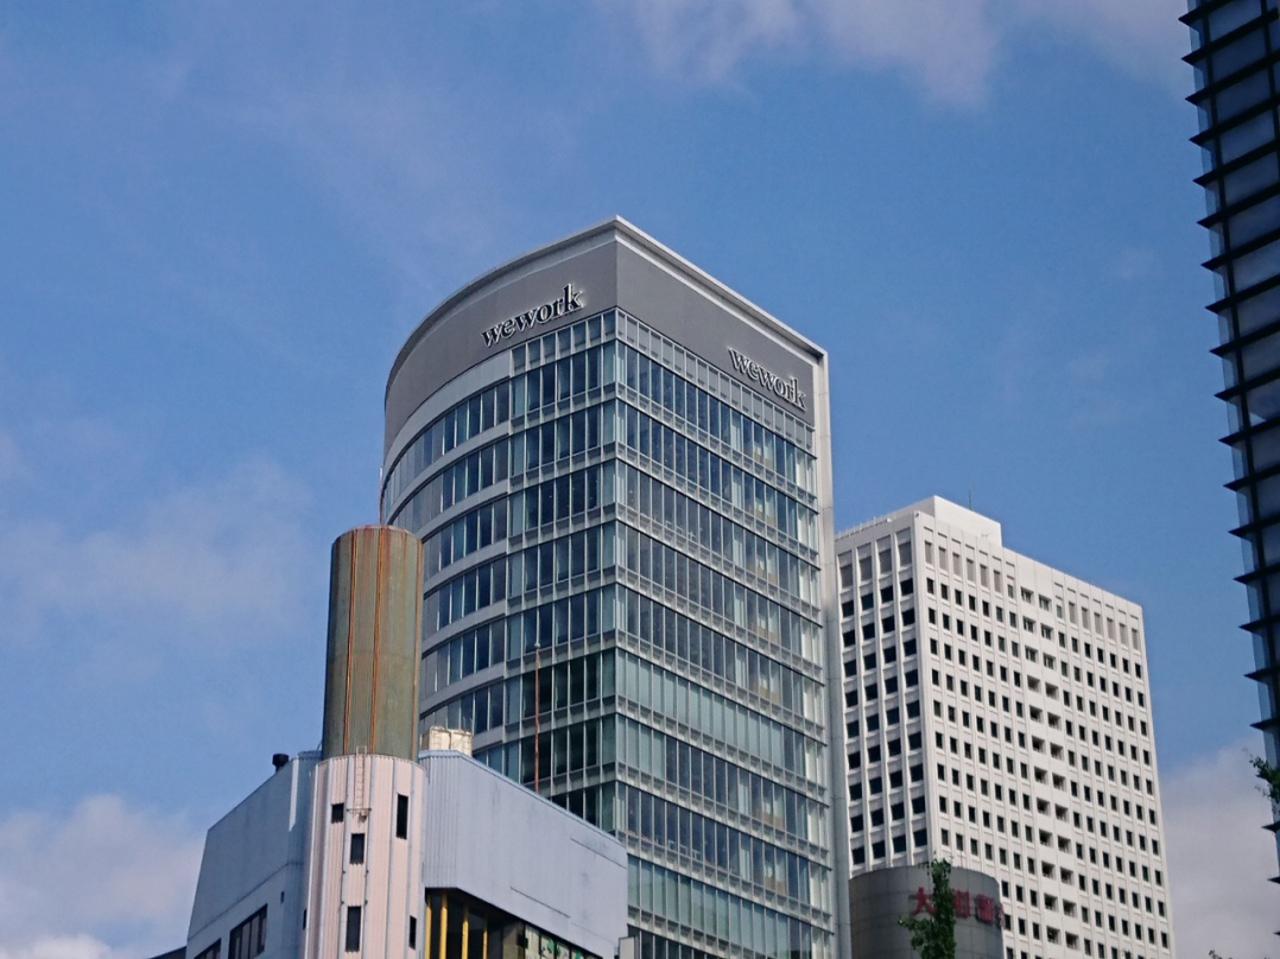 令和元年6月3日にオープンした話題の「WEWORK御堂筋フロンティア」